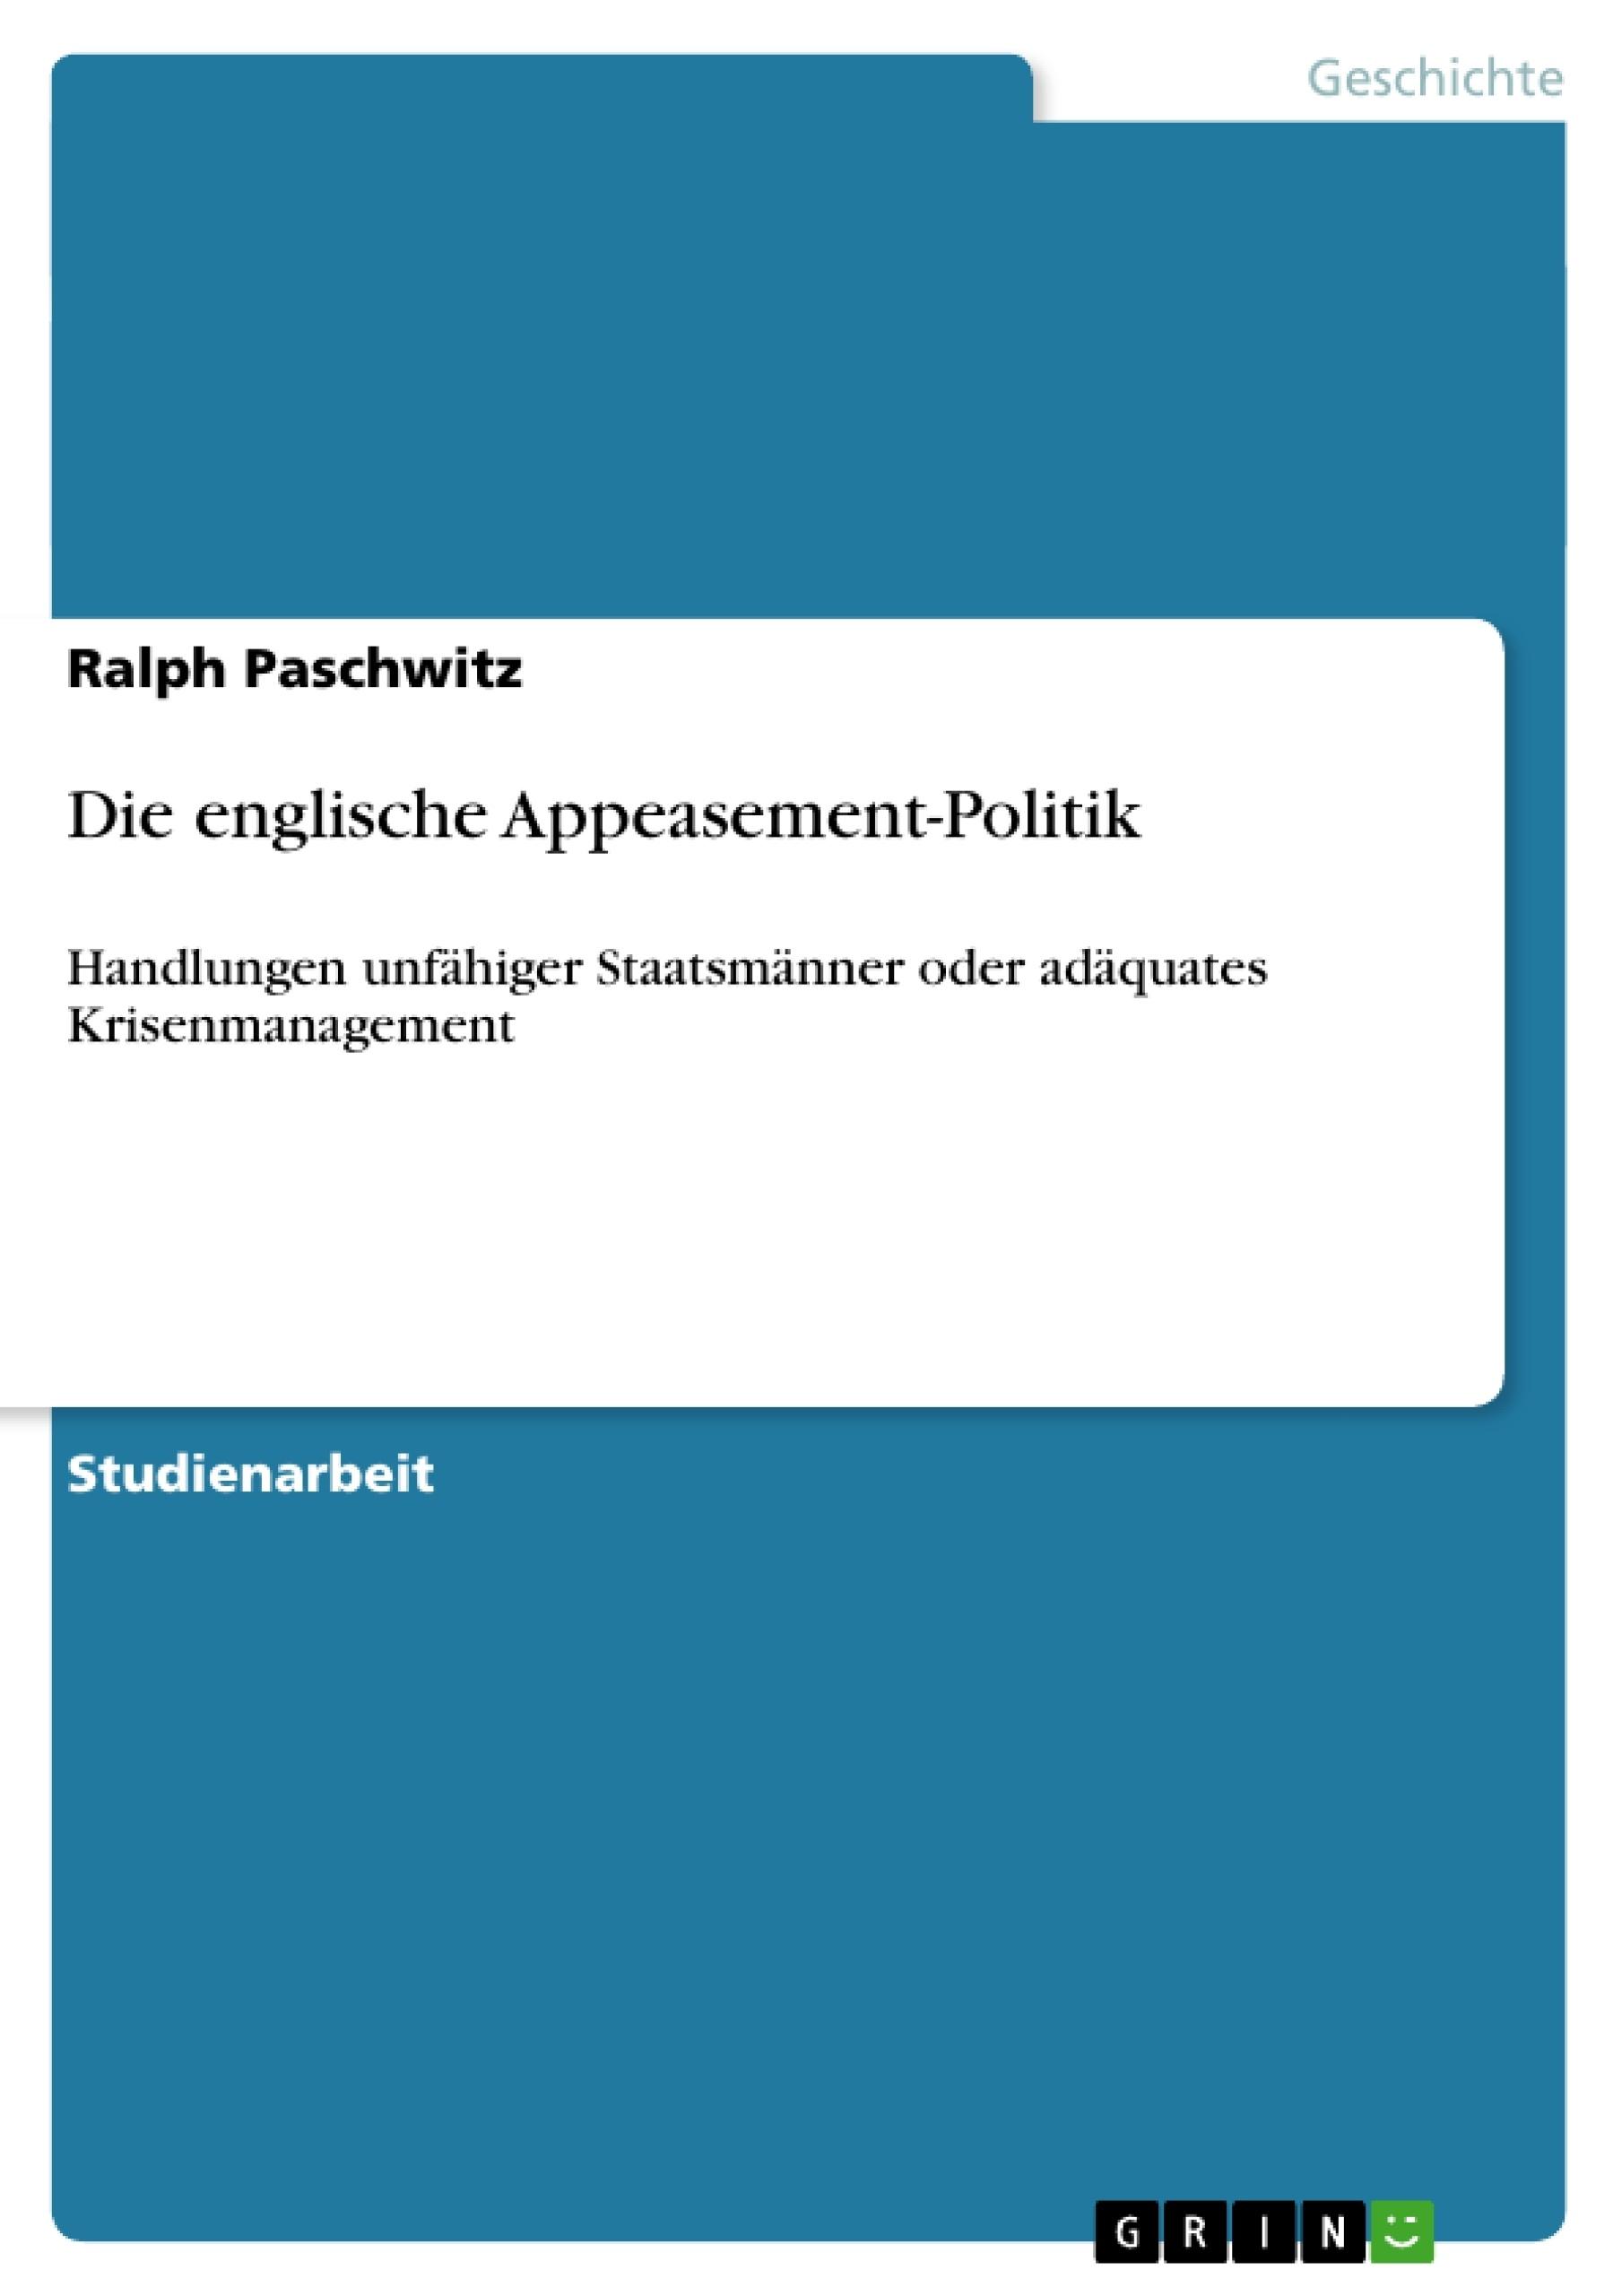 Titel: Die englische Appeasement-Politik